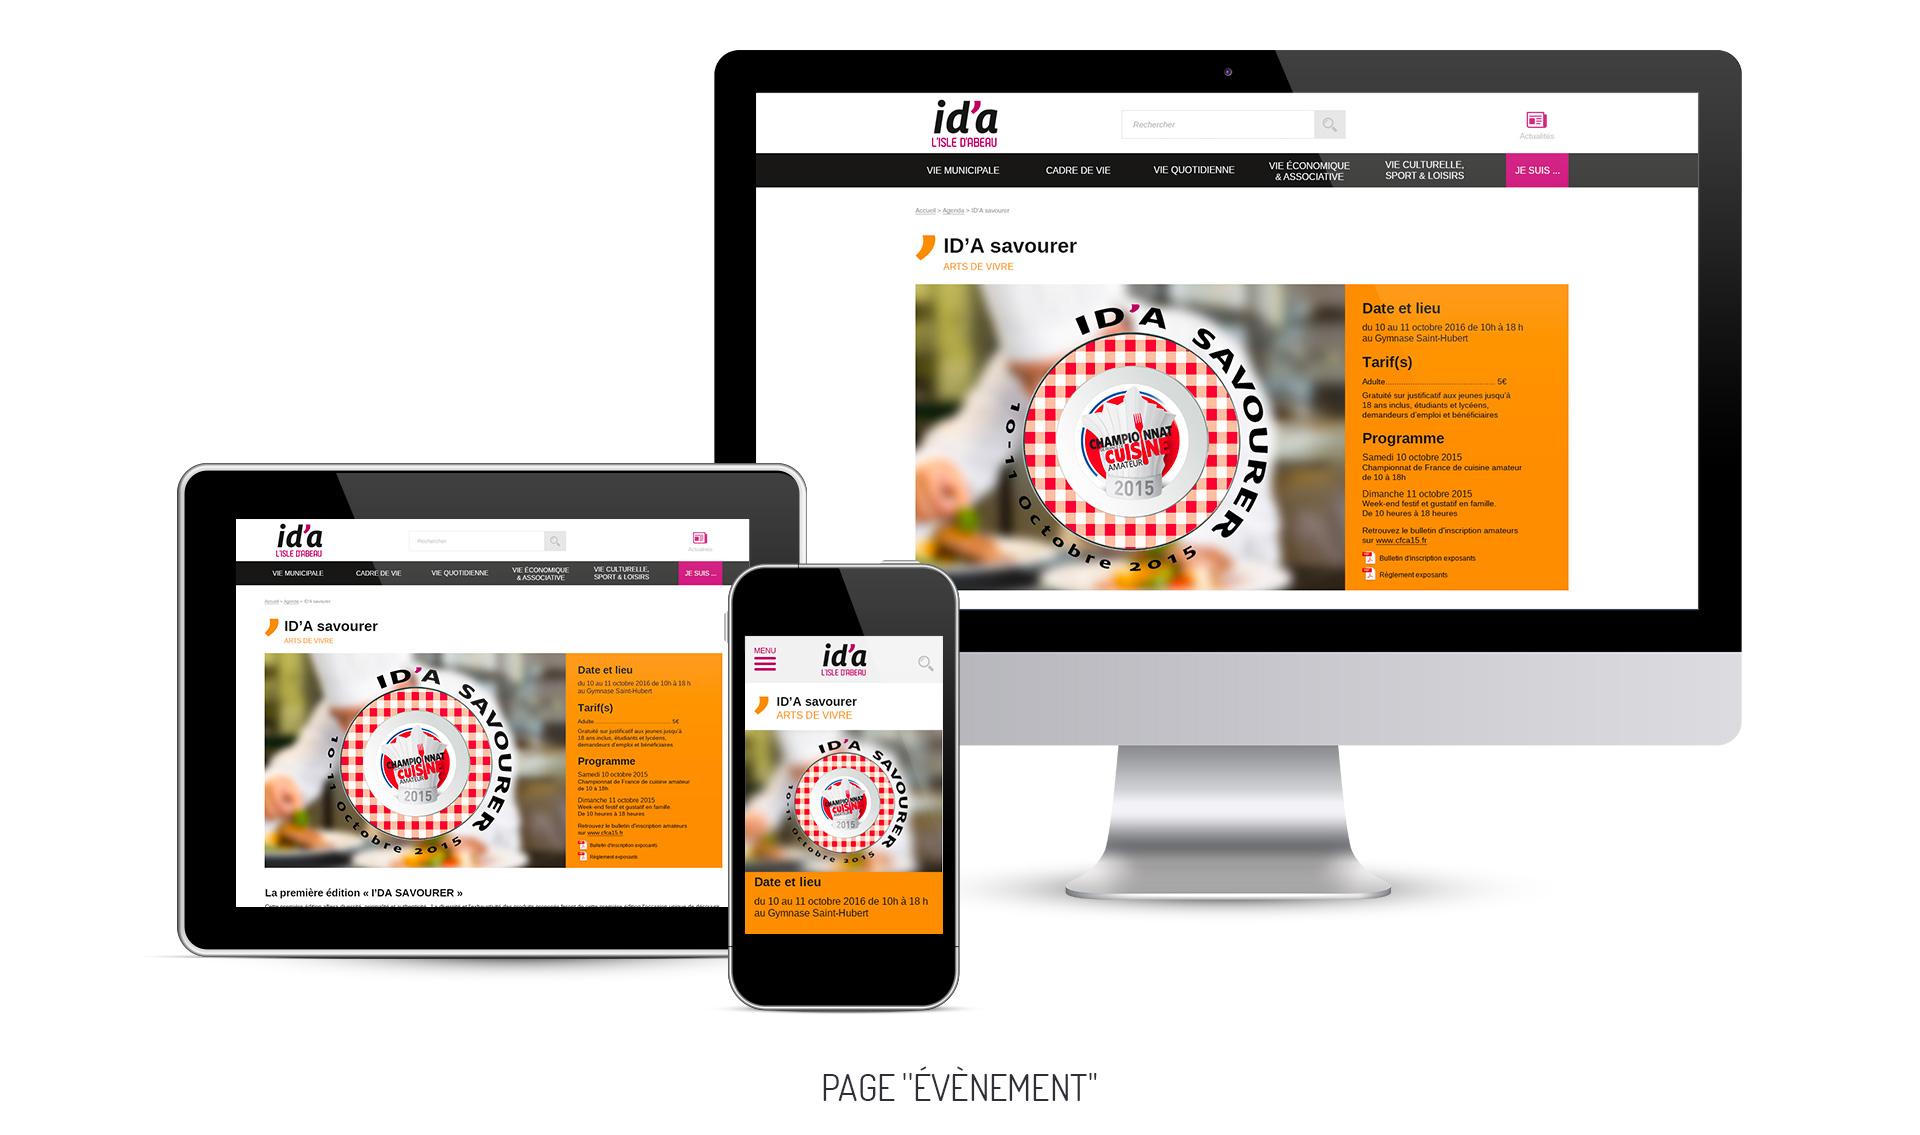 Comportement de la page Événement, rubrique Agenda, sur desktop, tablette et mobile